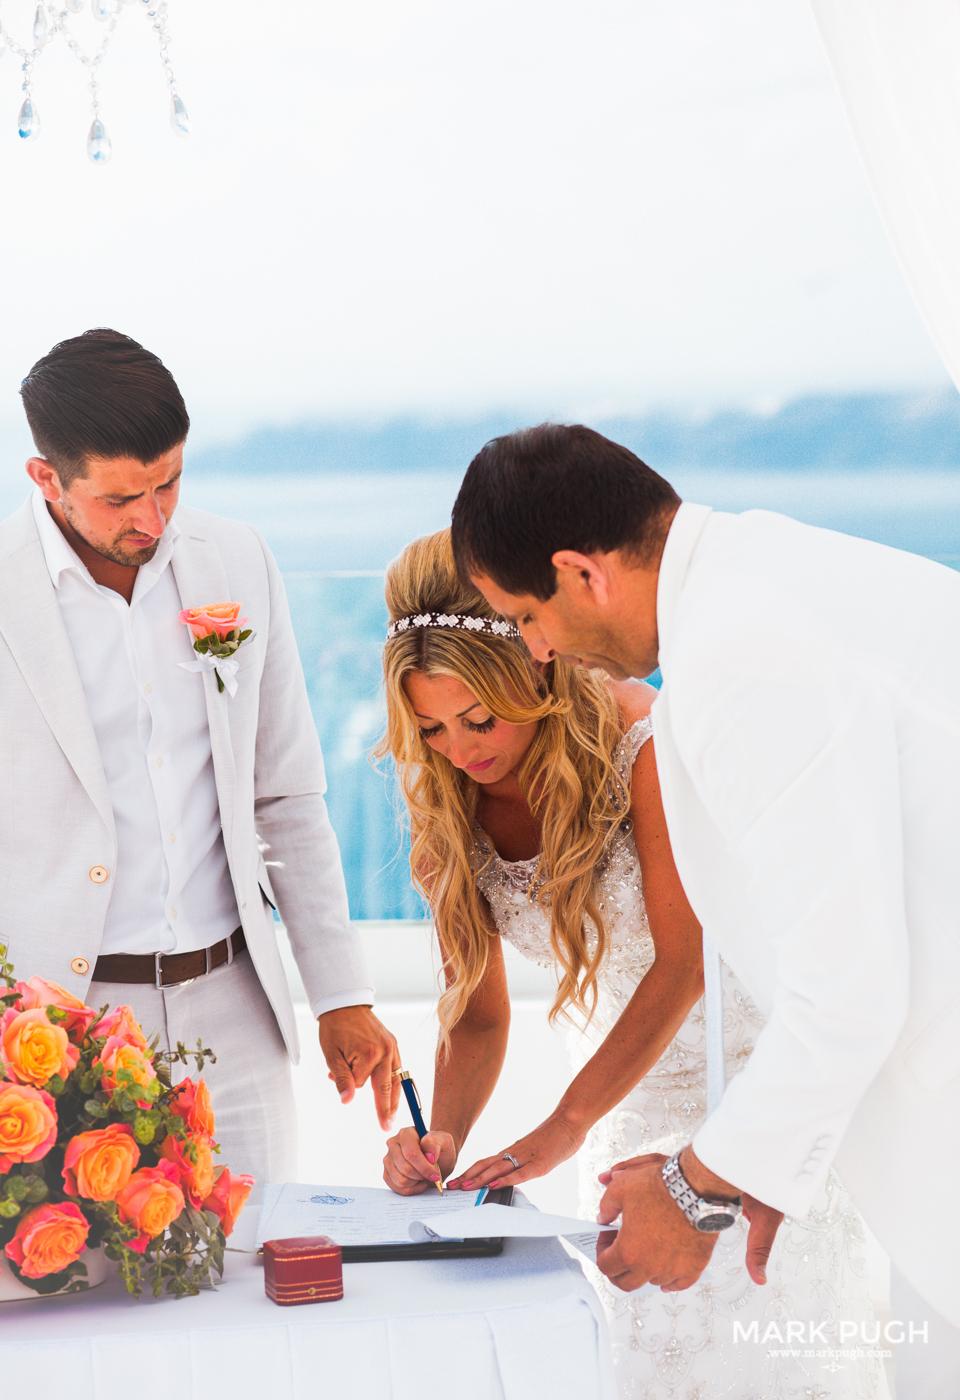 053 - Kerry and Lee - Destination Wedding in Santorini by www.markpugh.com -0542.JPG